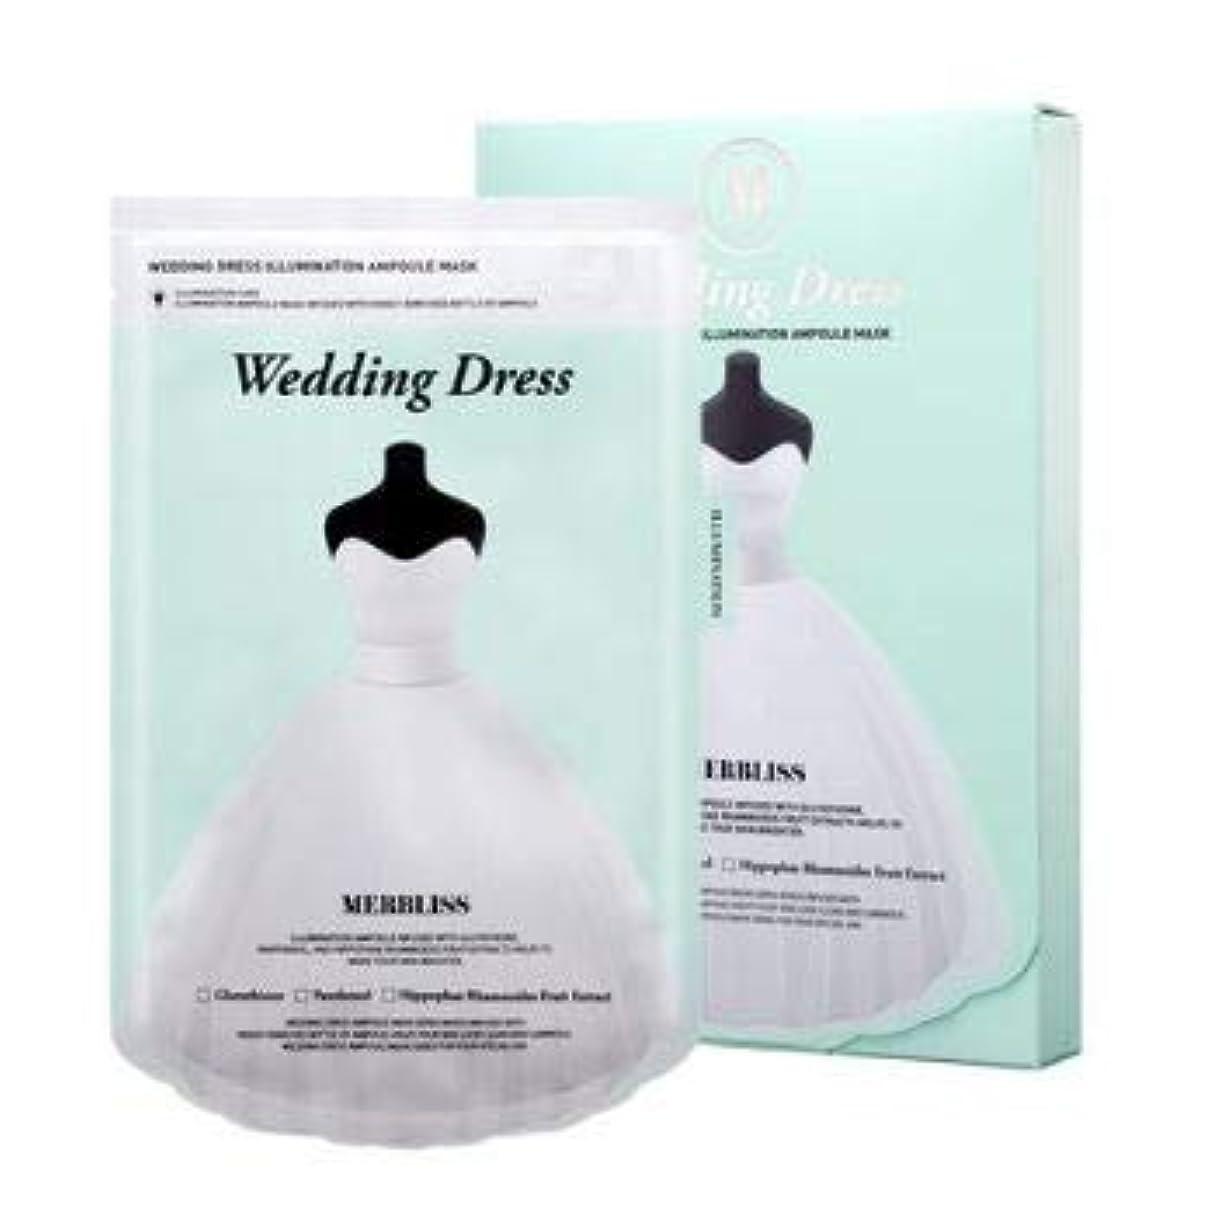 それによってホステス形状[Merbliss] Wedding Dress Illumination Ampoule Mask 25gx5ea /ウェディングドレスイルミネーションアンプルマスク25gx5枚 [並行輸入品]